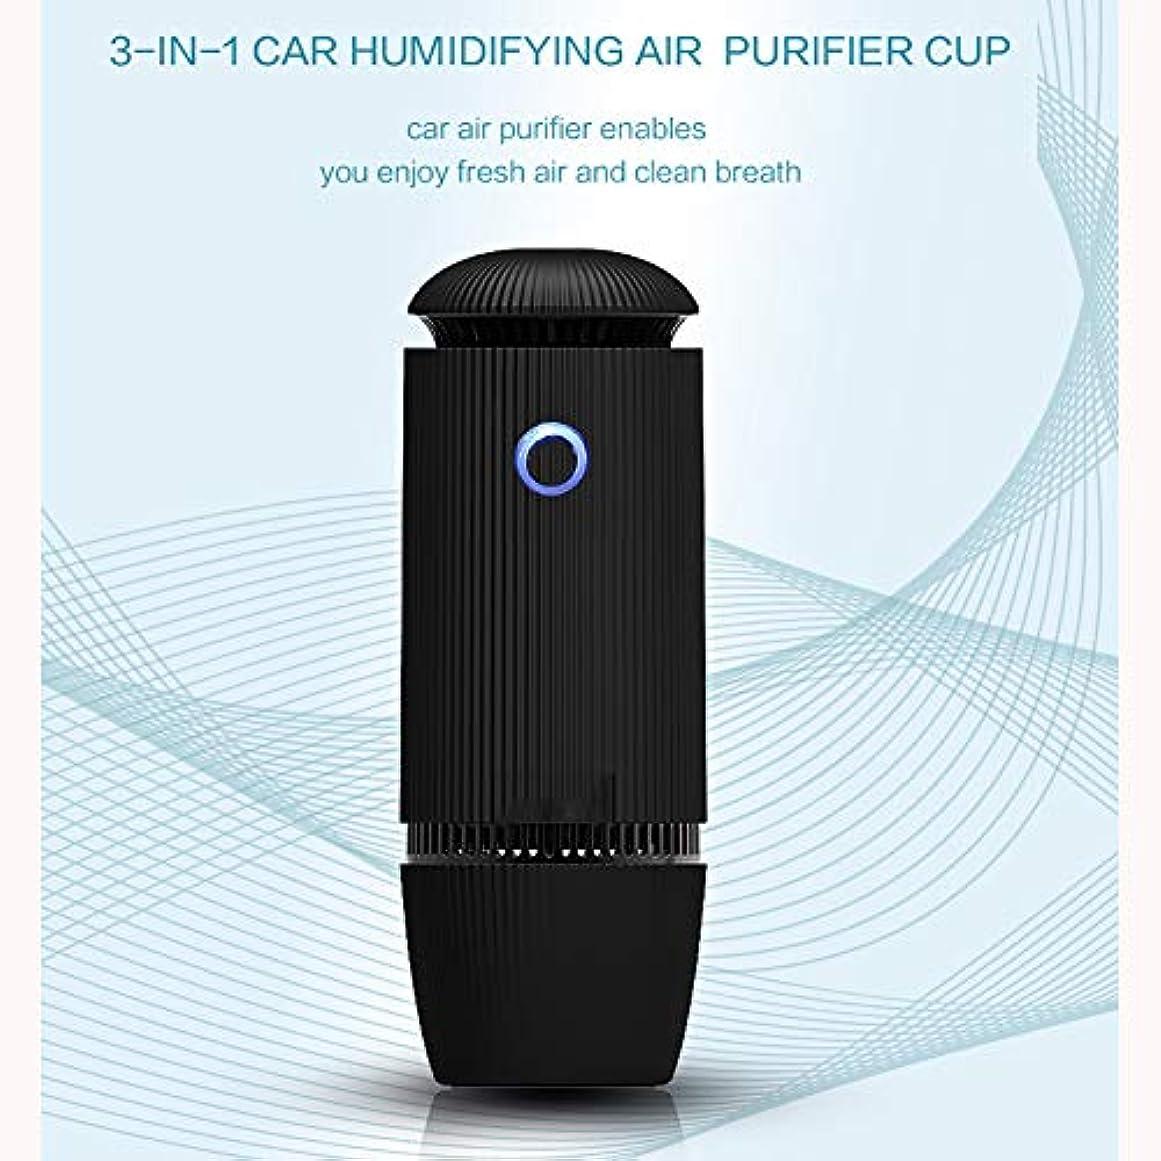 補体ホース活力車のアロマセラピー機械清浄機、エッセンシャルオイルディフューザー多機能USBアロマ加湿器用車、家庭、仕事